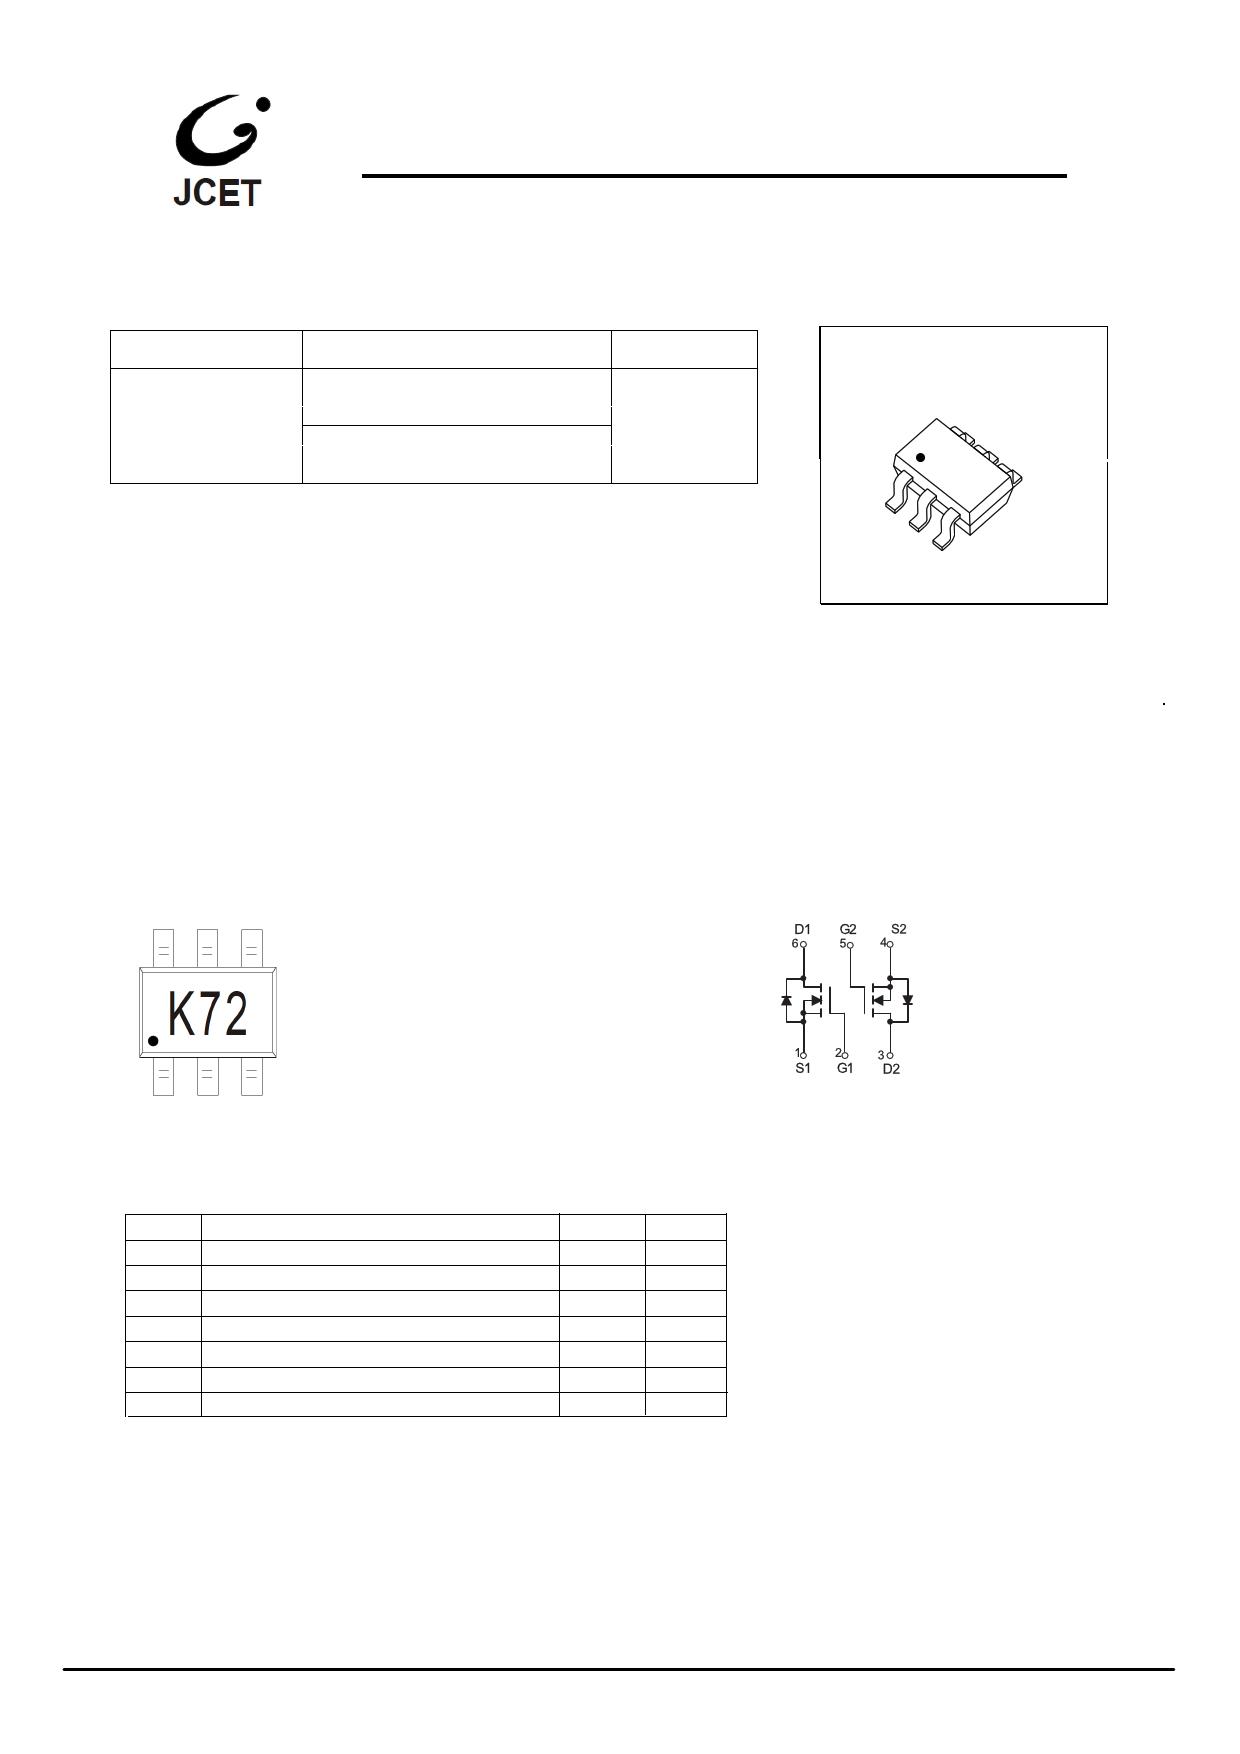 2N7002DW Datasheet